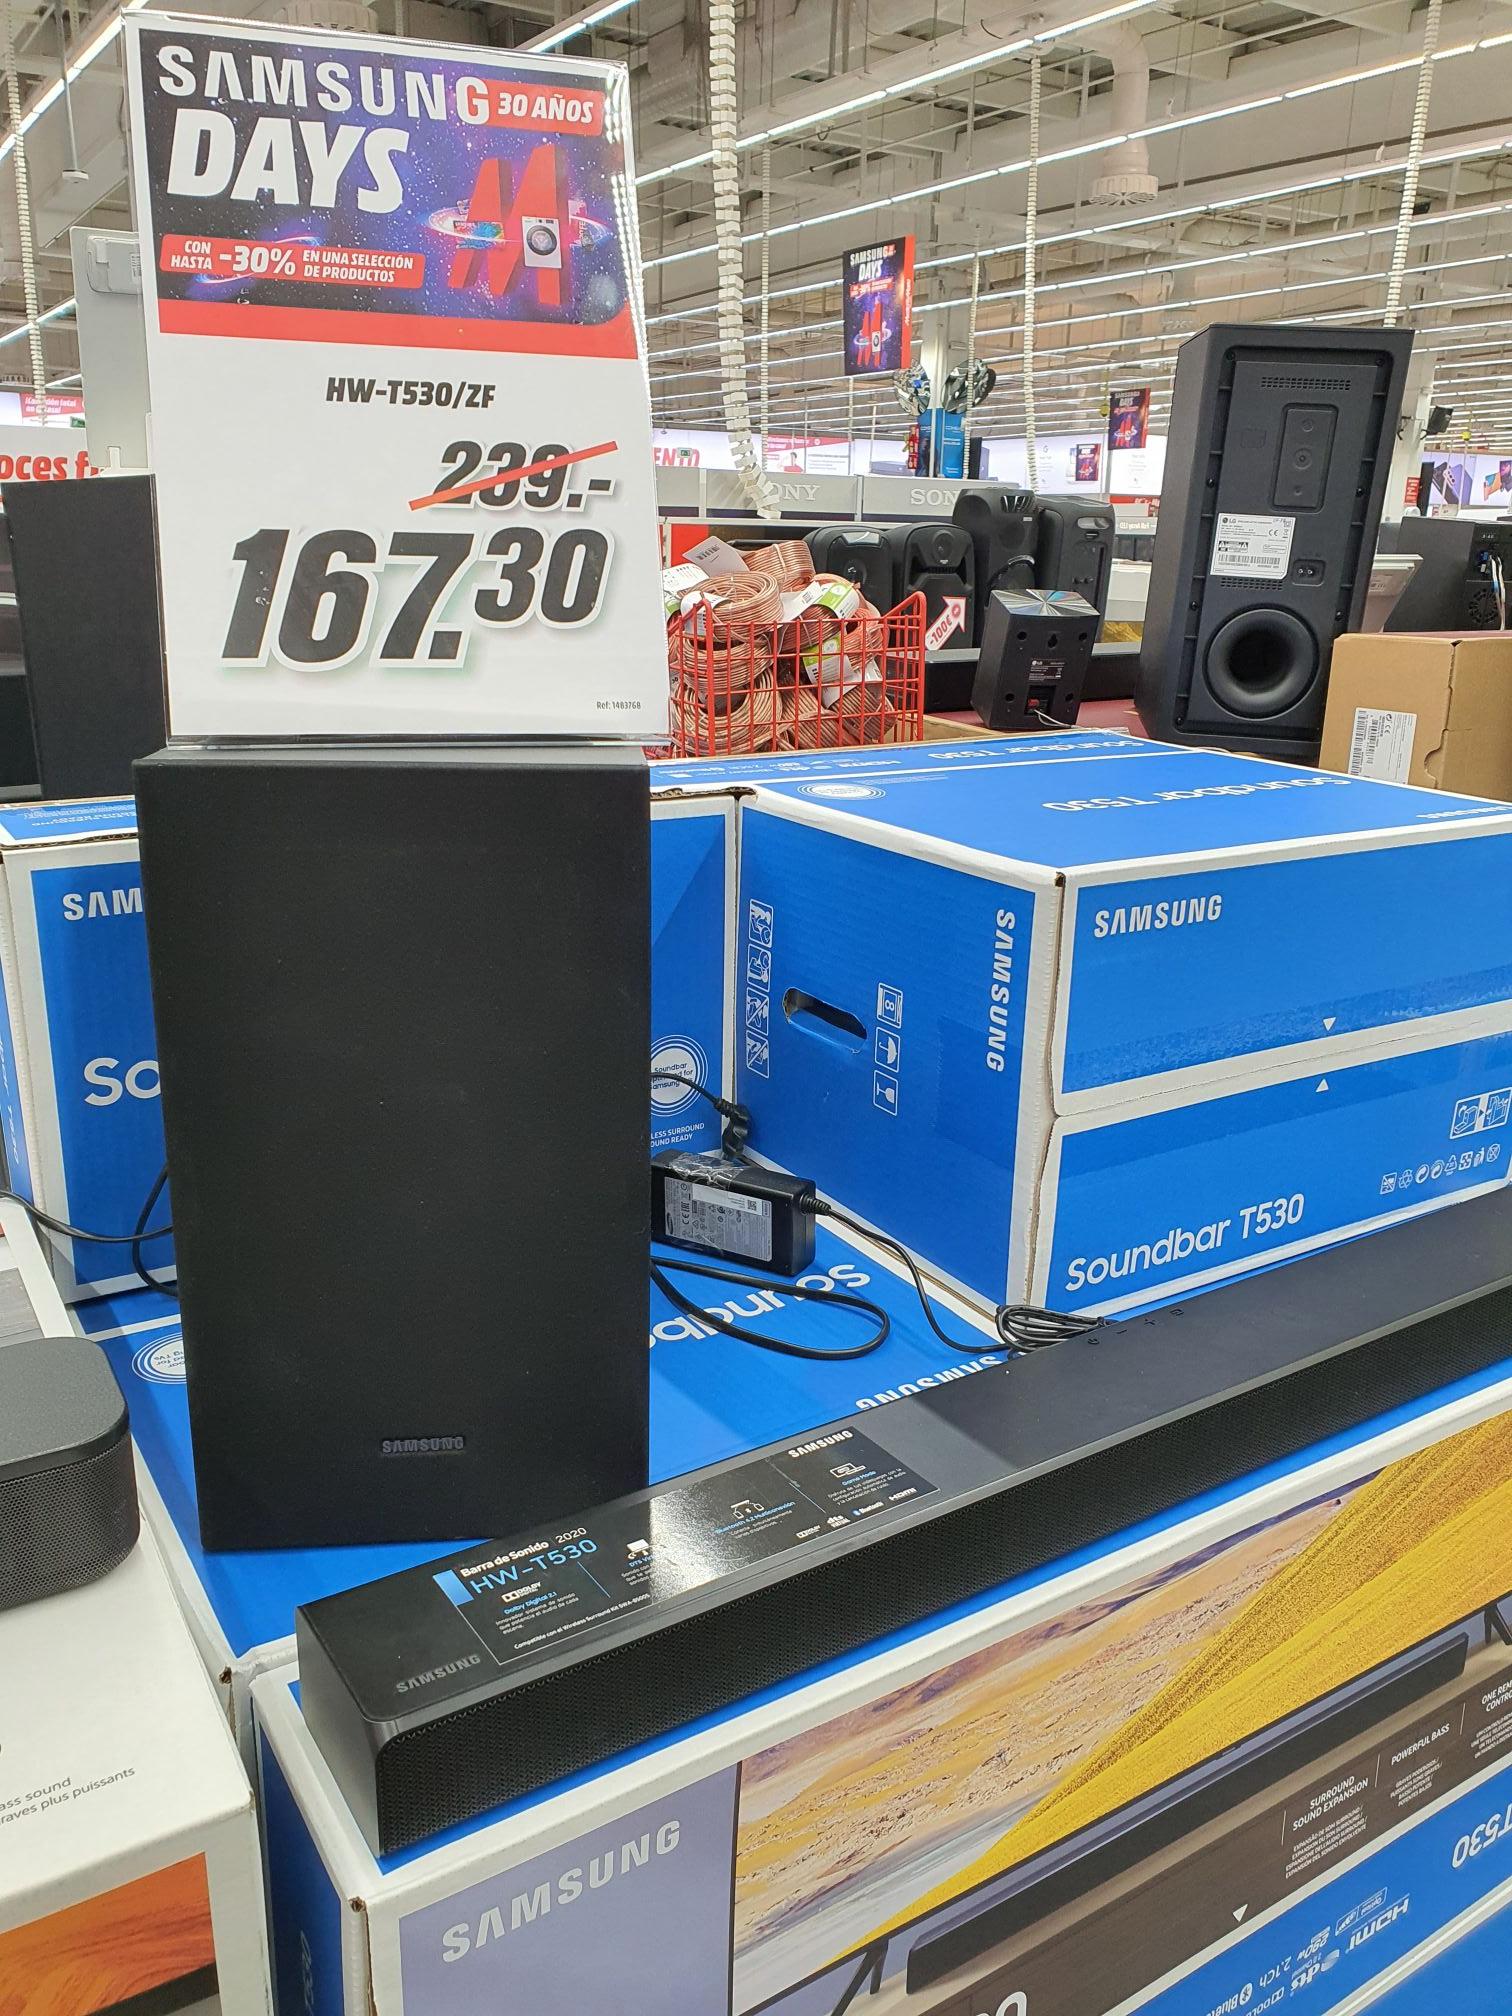 Barra de sonido Samsung (soundbar) HW-T530/ZF